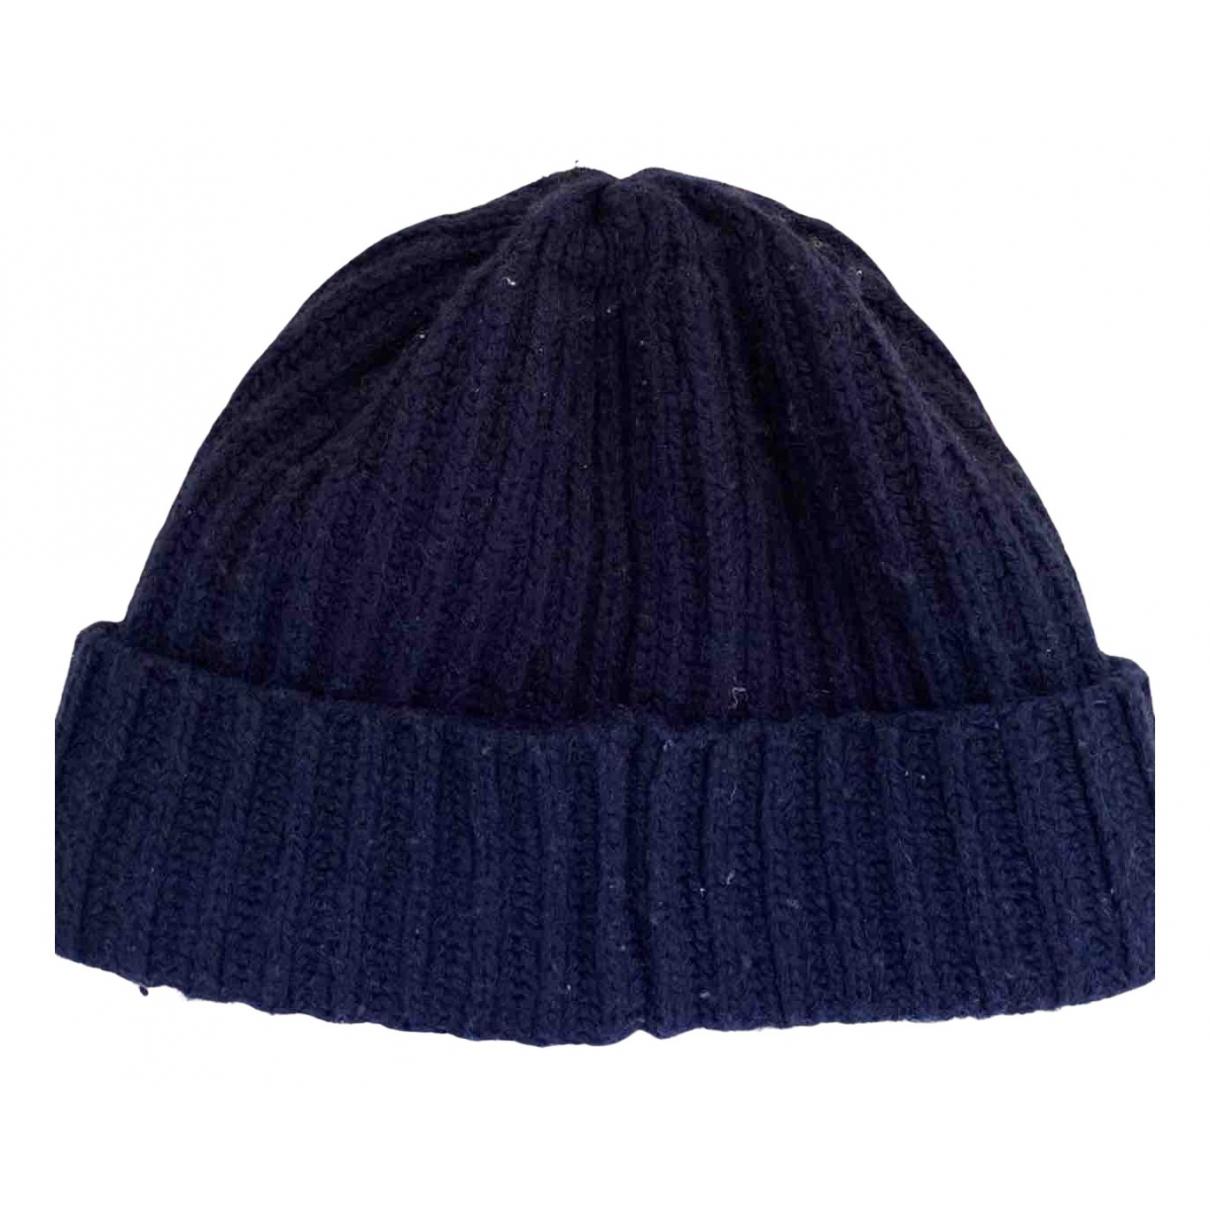 Gant N Navy Wool hat & pull on hat for Men M International